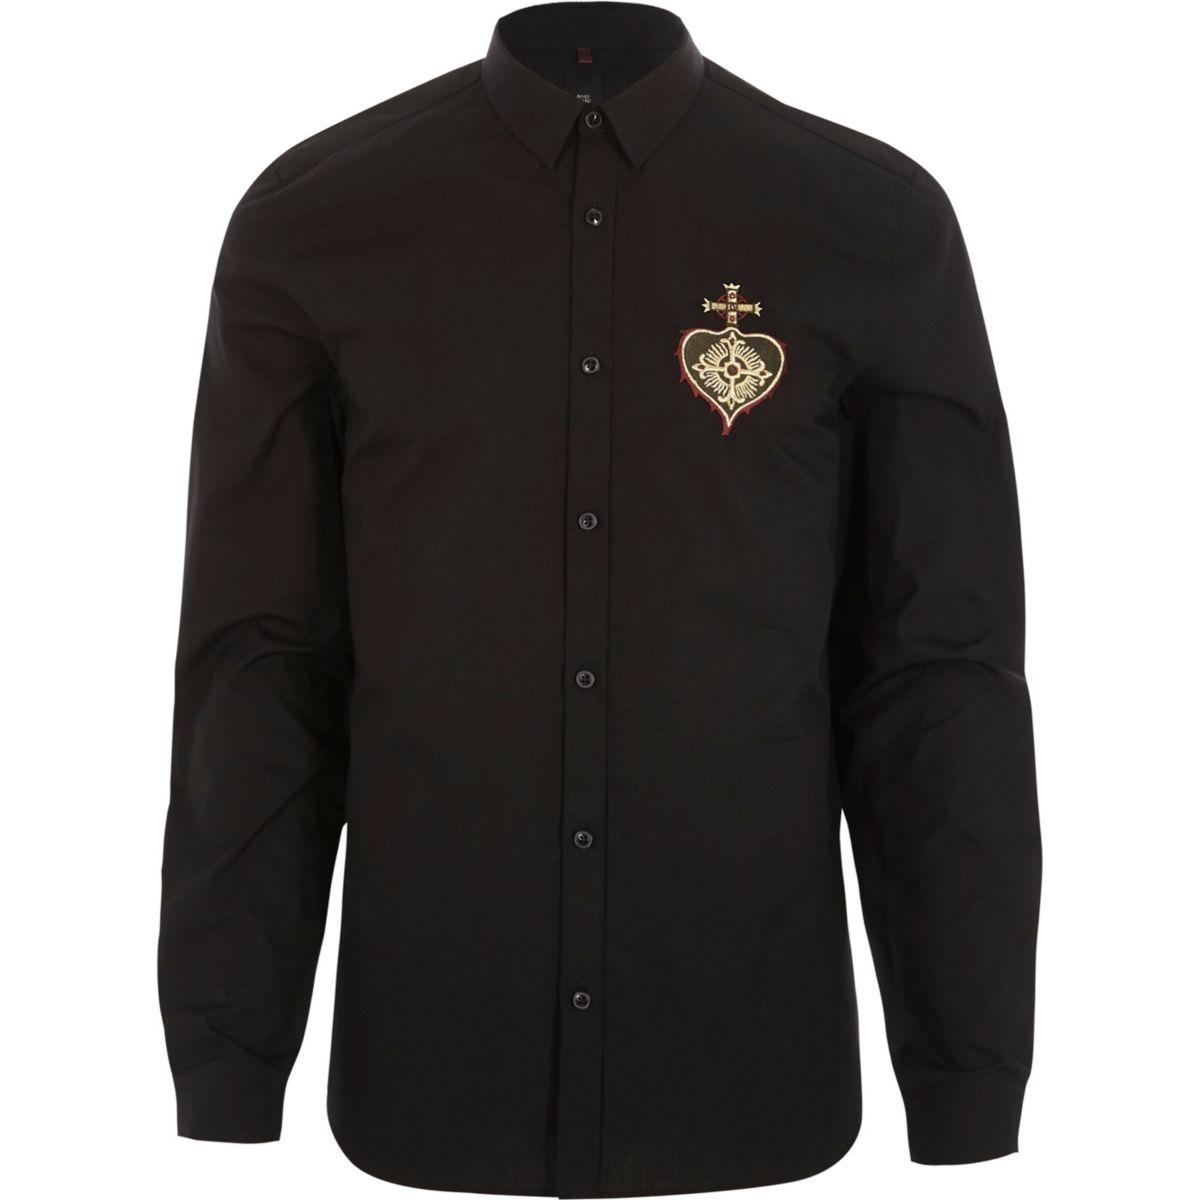 Zwart slim-fit overhemd met geborduurd hart